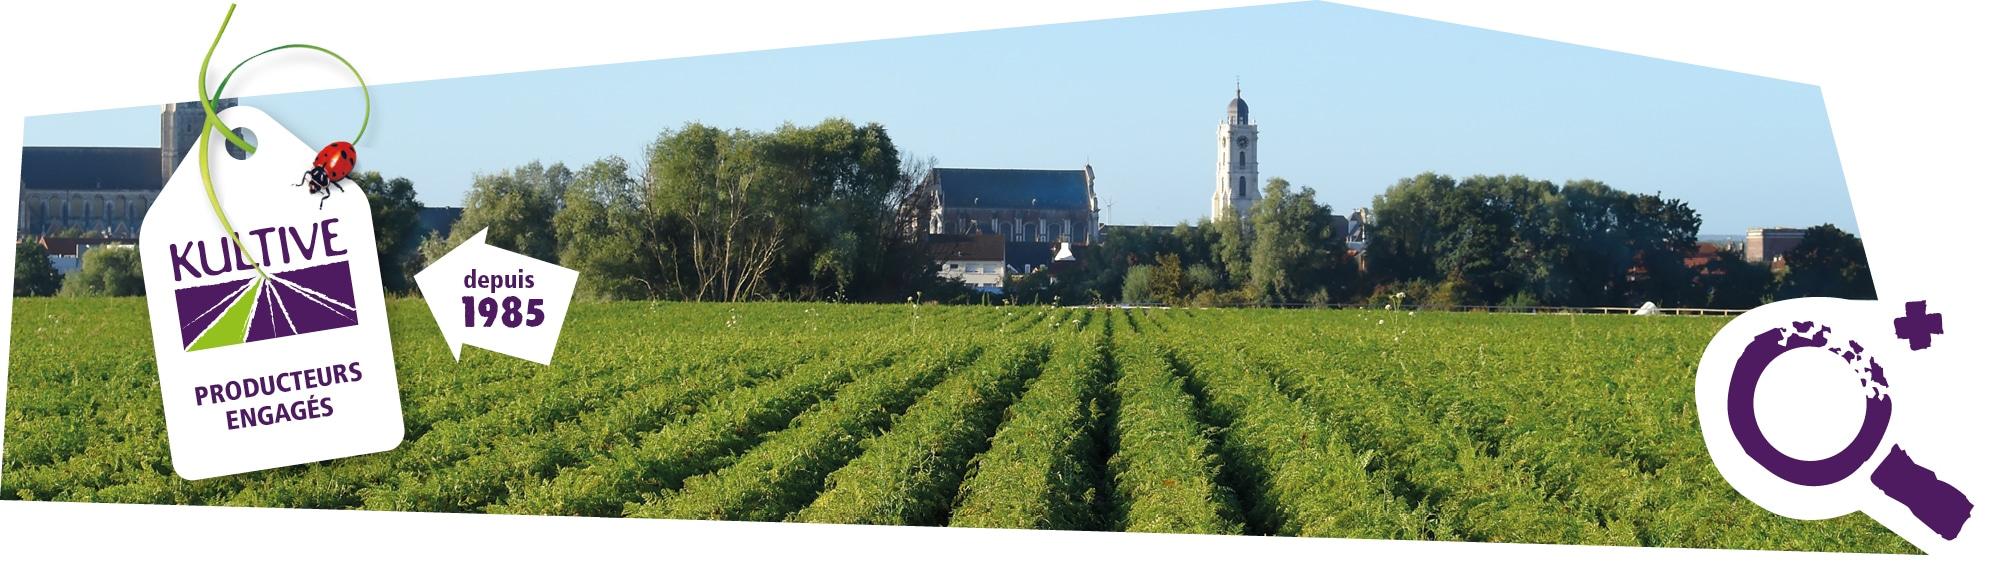 Photo d'un champ de carottes des Haut-de-France, sous le soleil. Accompagné d'une étiquette sur l'image : Kultive, producteurs engagés depuis 1985.